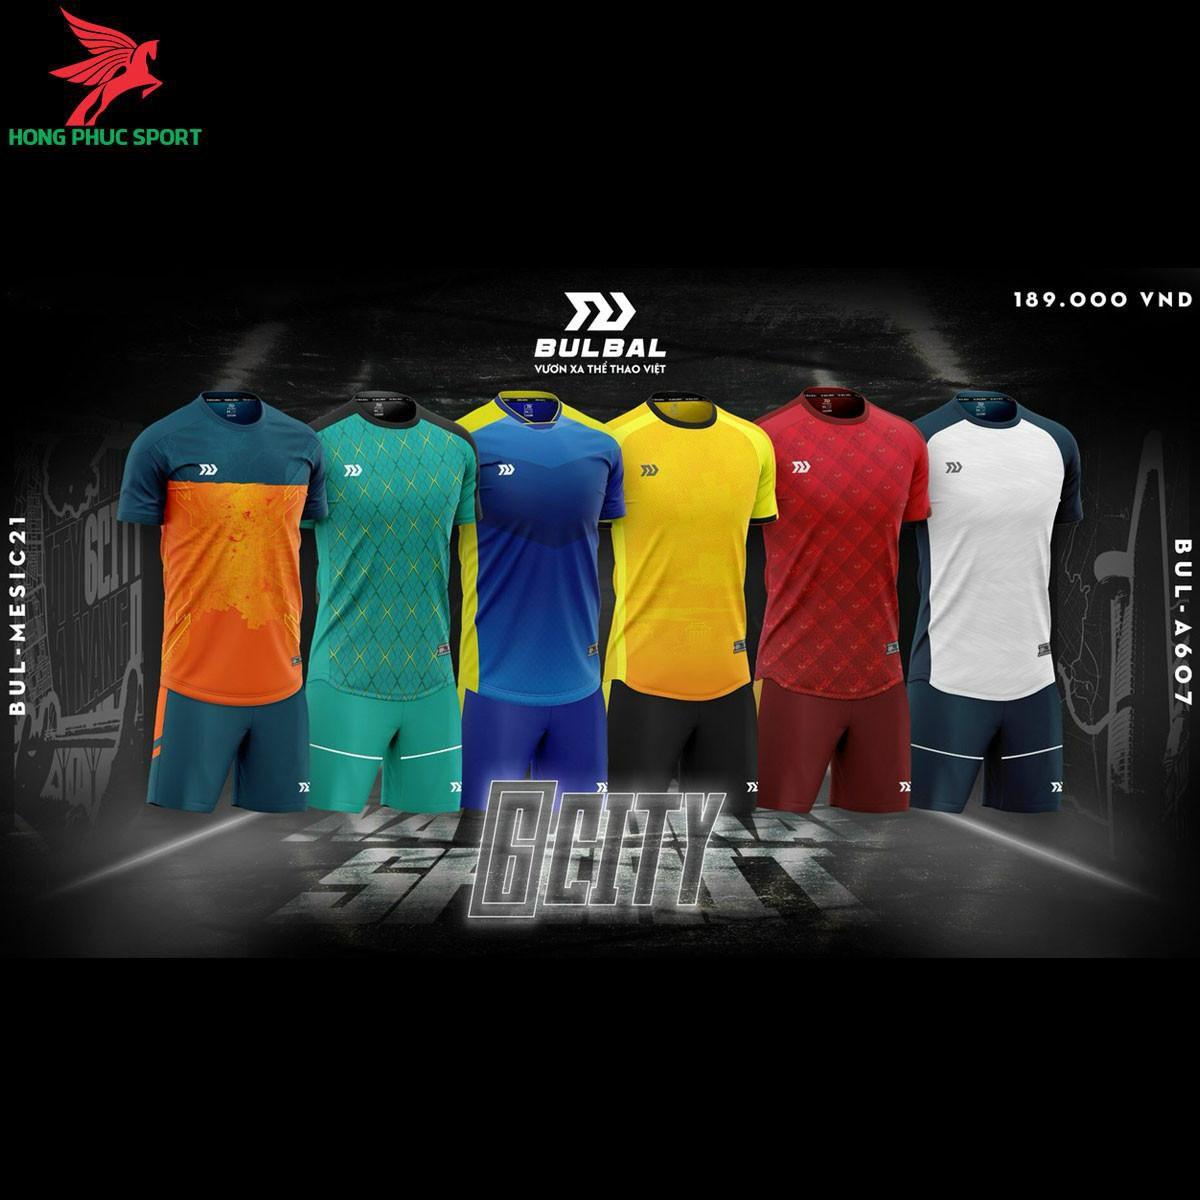 https://cdn.hongphucsport.com/unsafe/s4.shopbay.vn/files/285/ao-bong-da-khong-logo-bulbal-6city-1-604737a14e45b.jpg